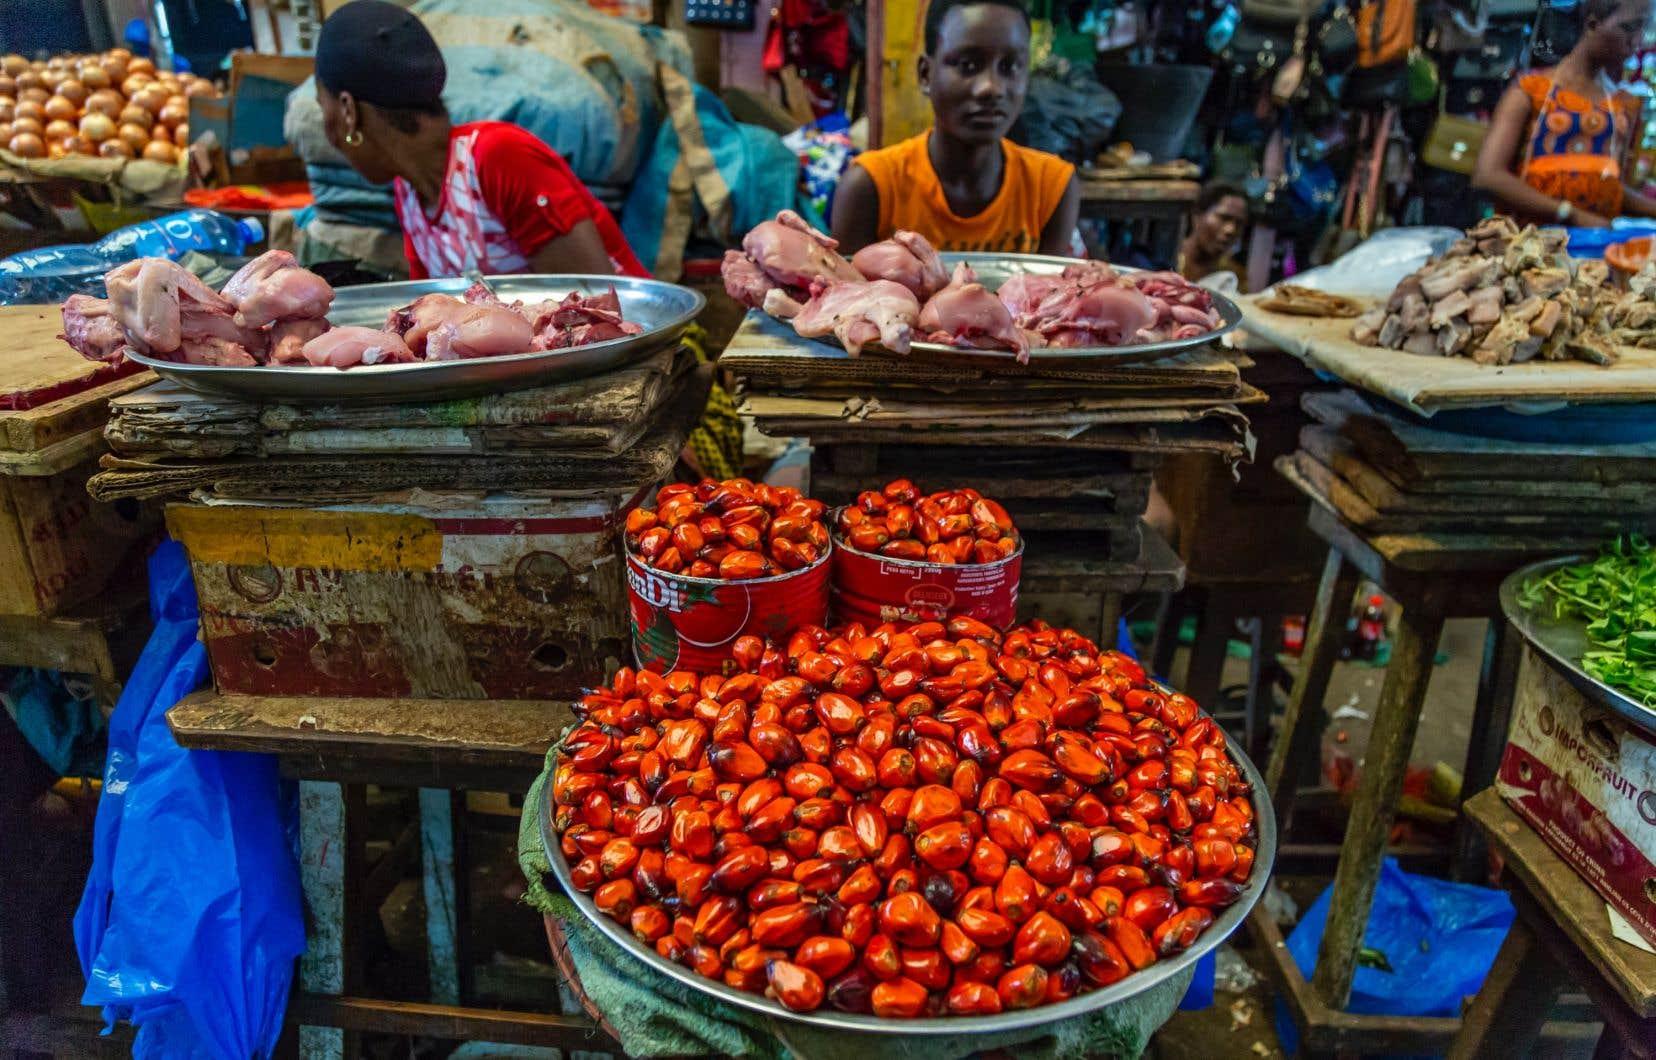 Le Québec développe de plus en plus de relations avec les pays émergents, dont la Côte d'Ivoire, où il a ouvert une délégation en 2017. Sur la photo, on aperçoit le marché d'Adjamé, à Abidjan, la principale ville du pays.